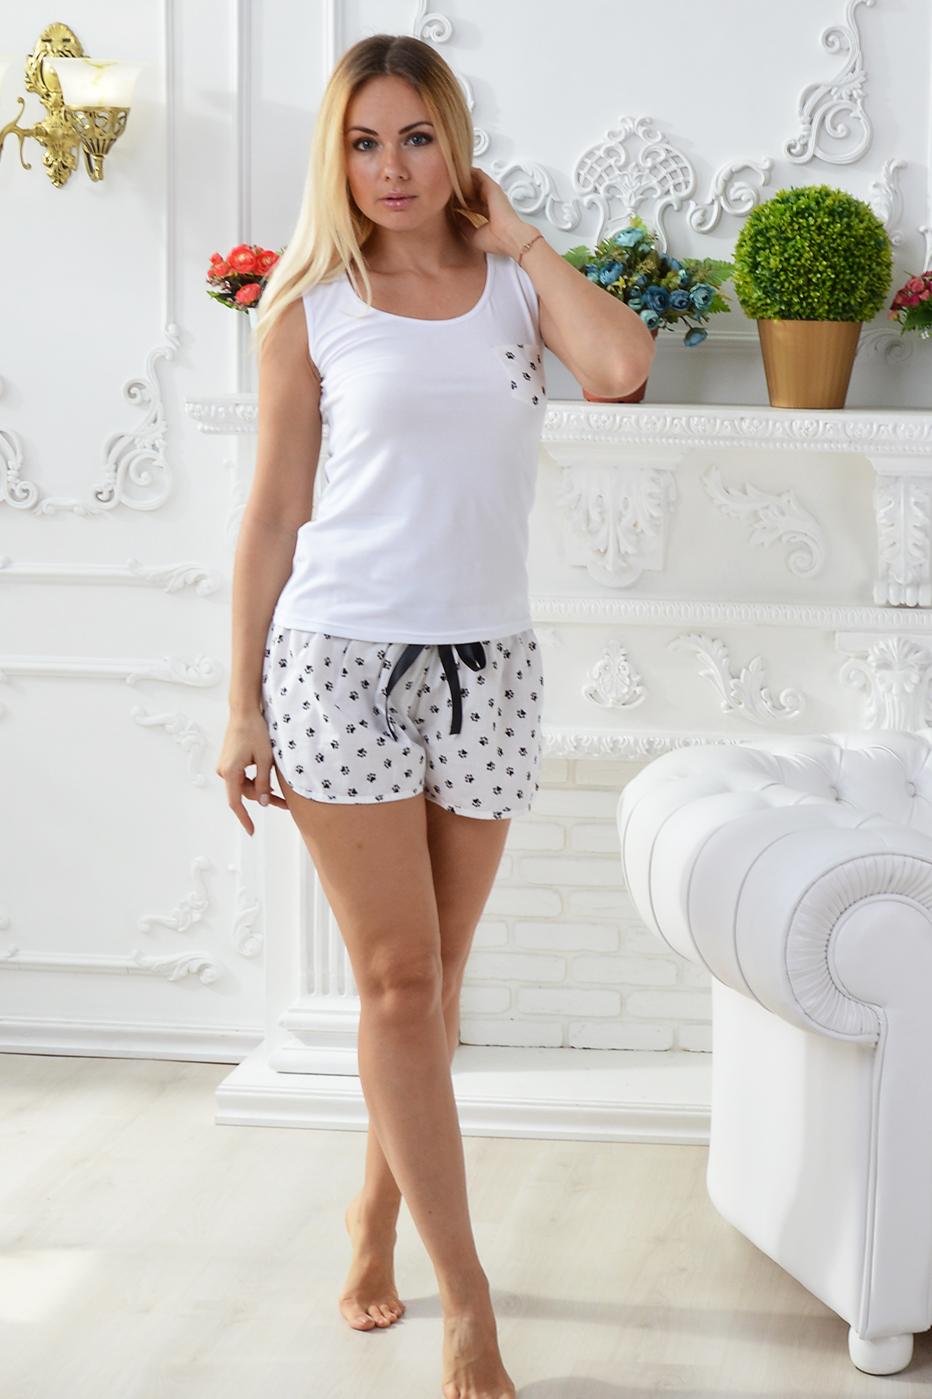 Хлопковая пижама П508 Лапки - купить в интернет-магазине MiaNaGreen 7501016618567